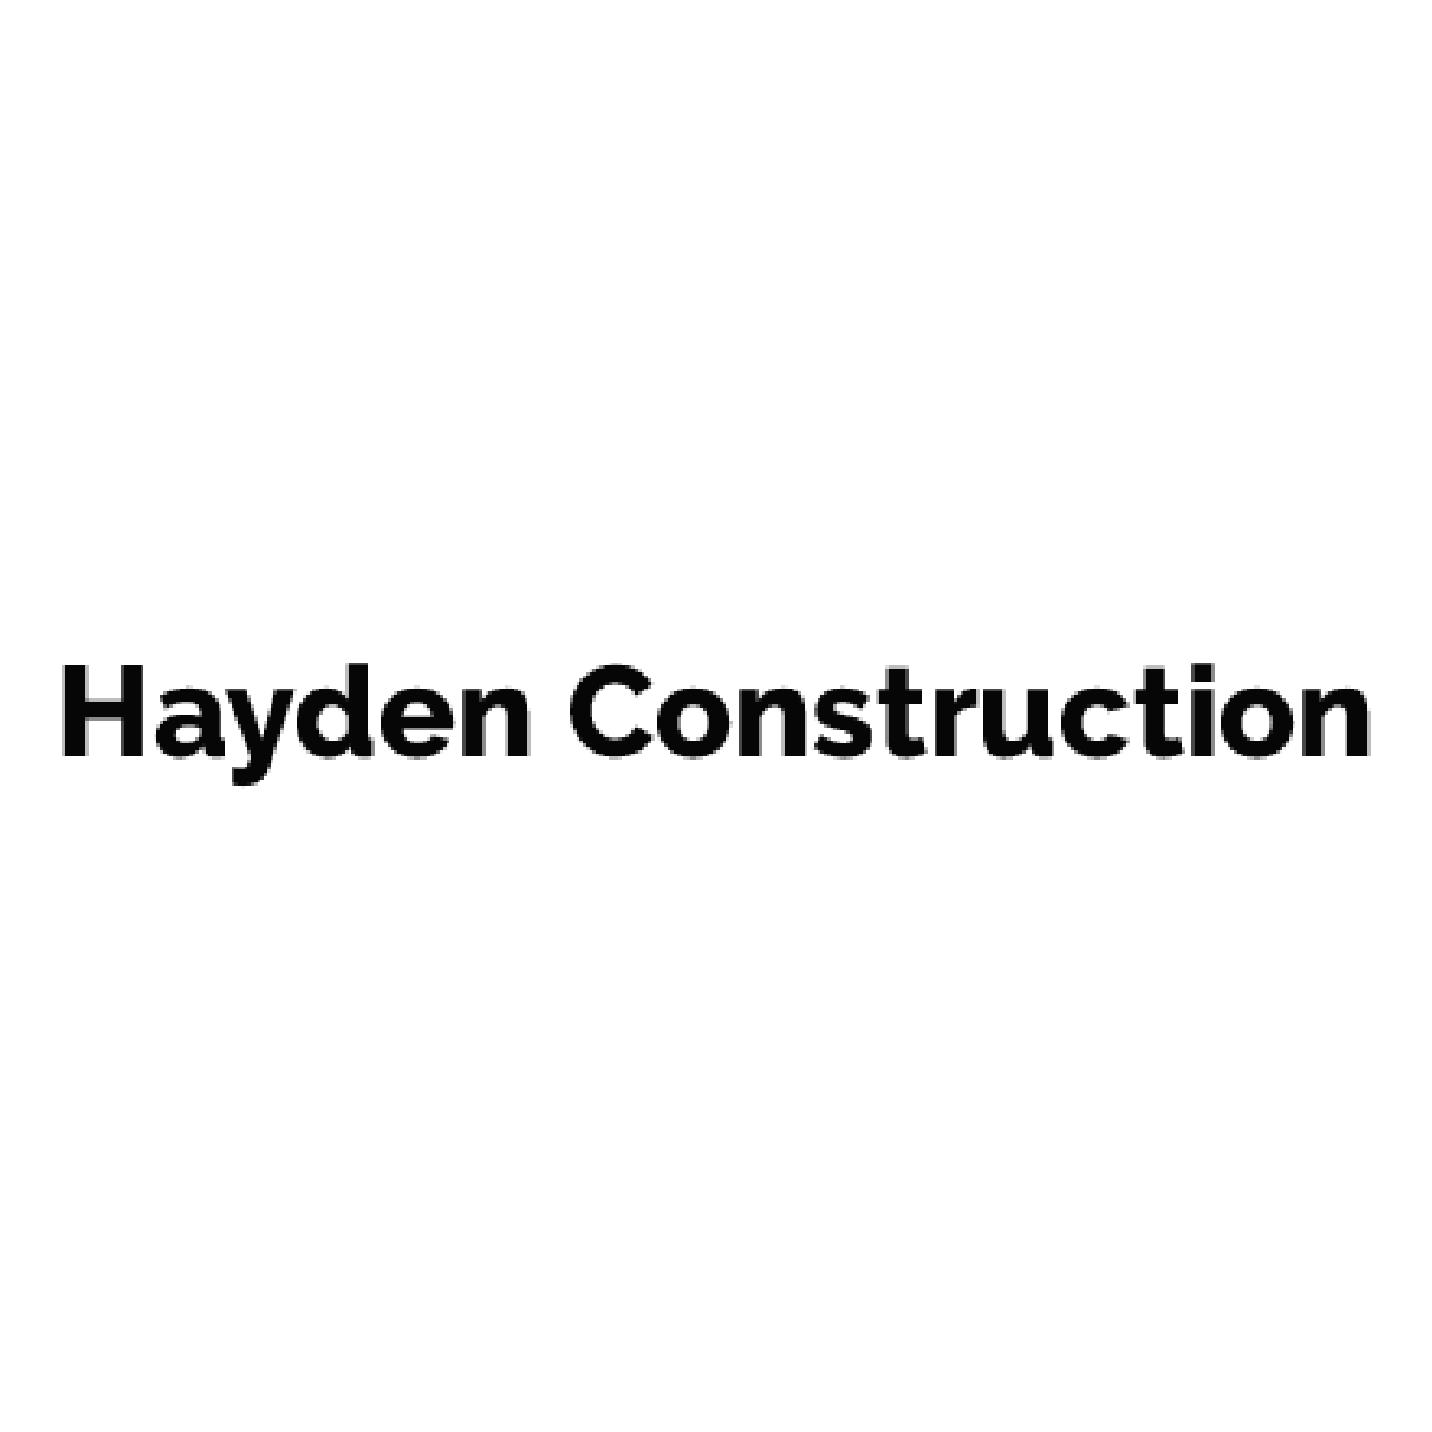 Hayden Construction Company